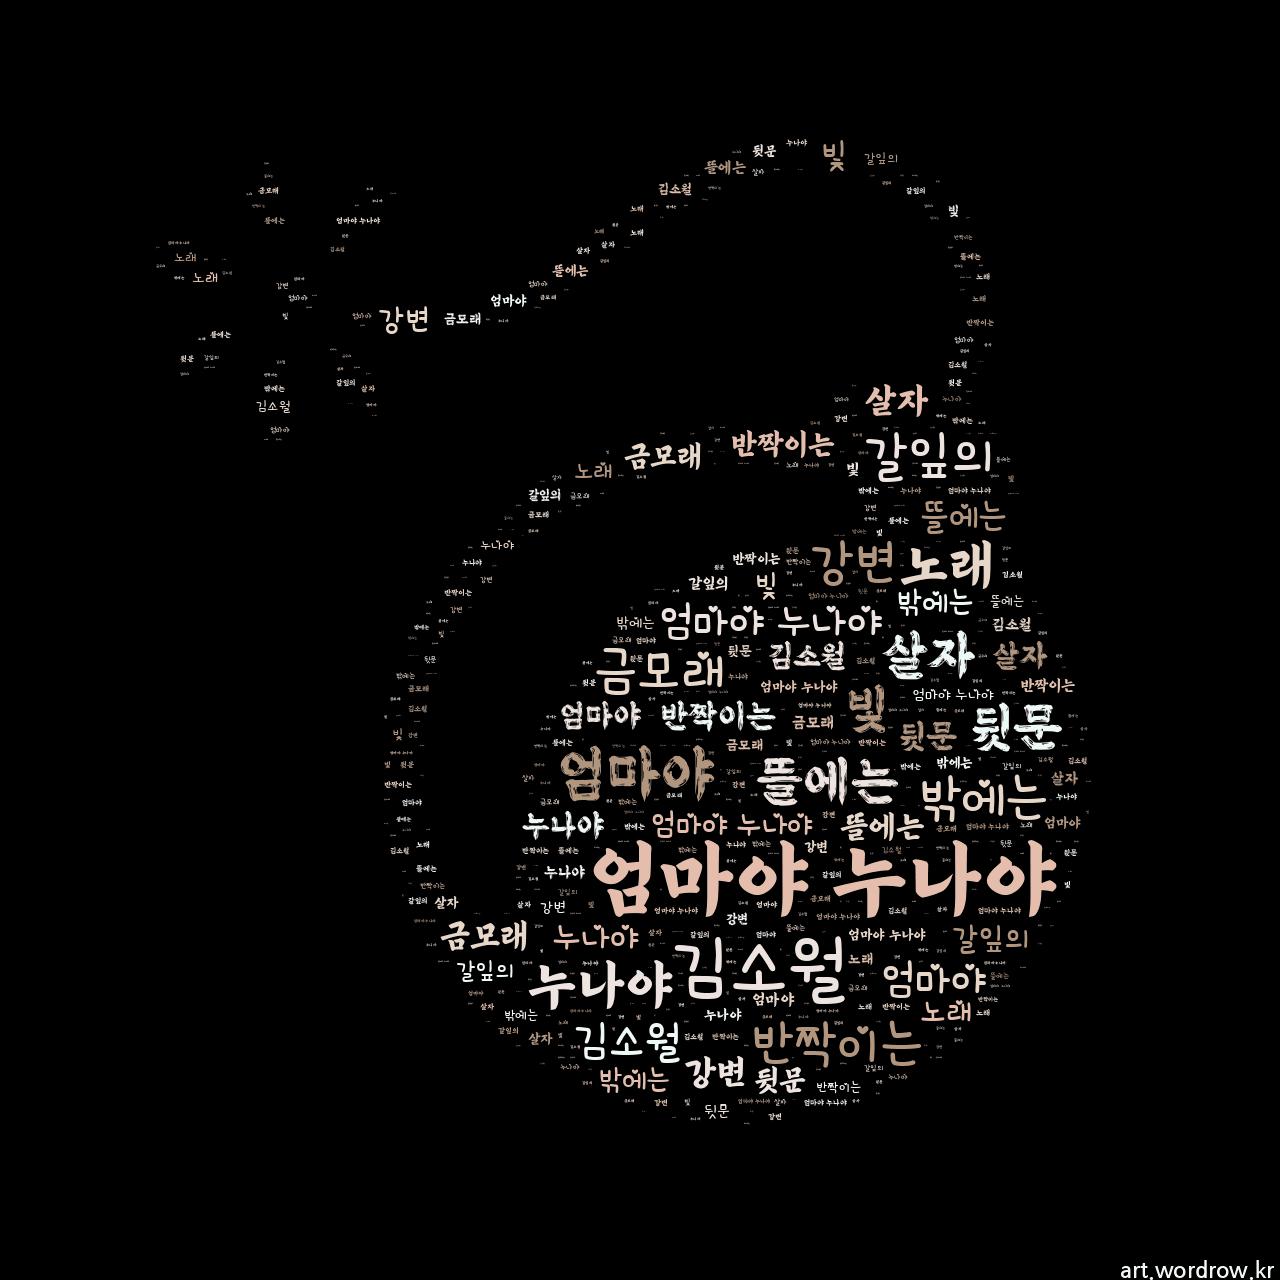 워드 아트: 엄마야 누나야 [김소월]-9